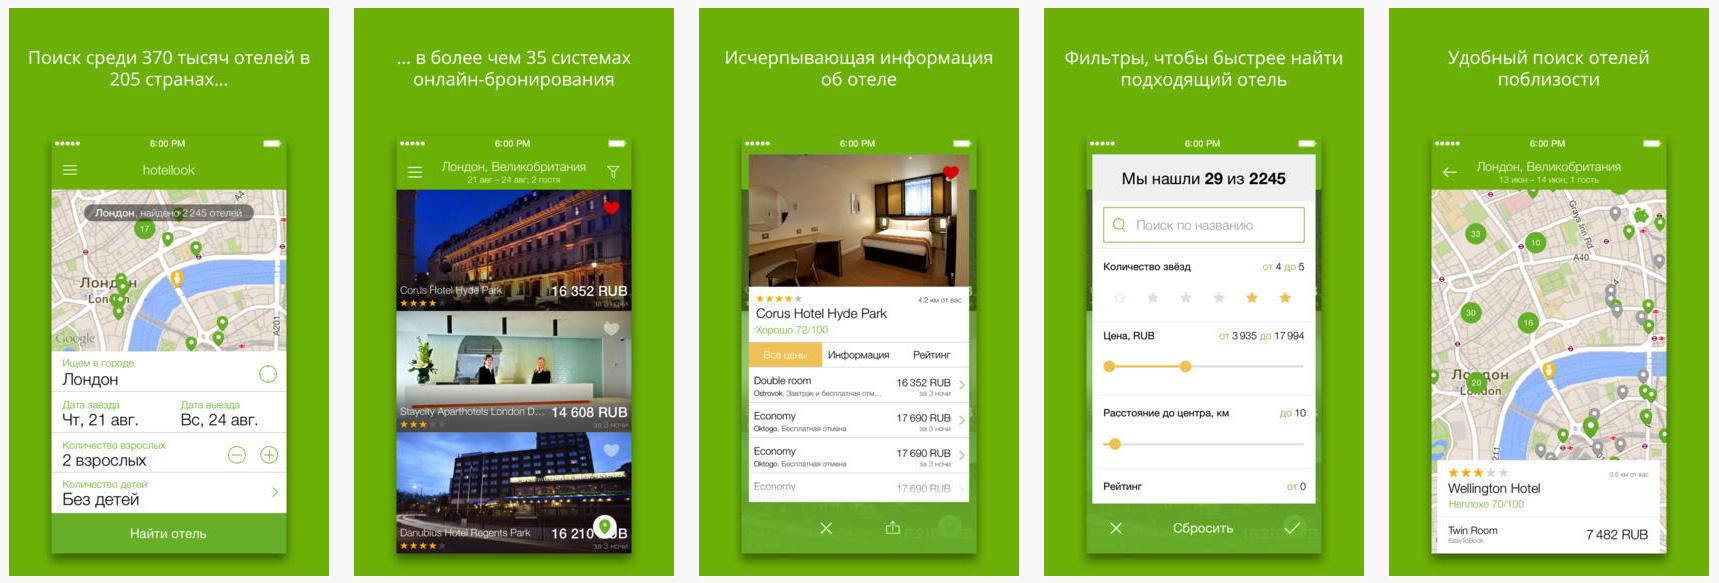 У Hotellook, мета поисковика по отелям от Aviasales, появилось приложение для iOS